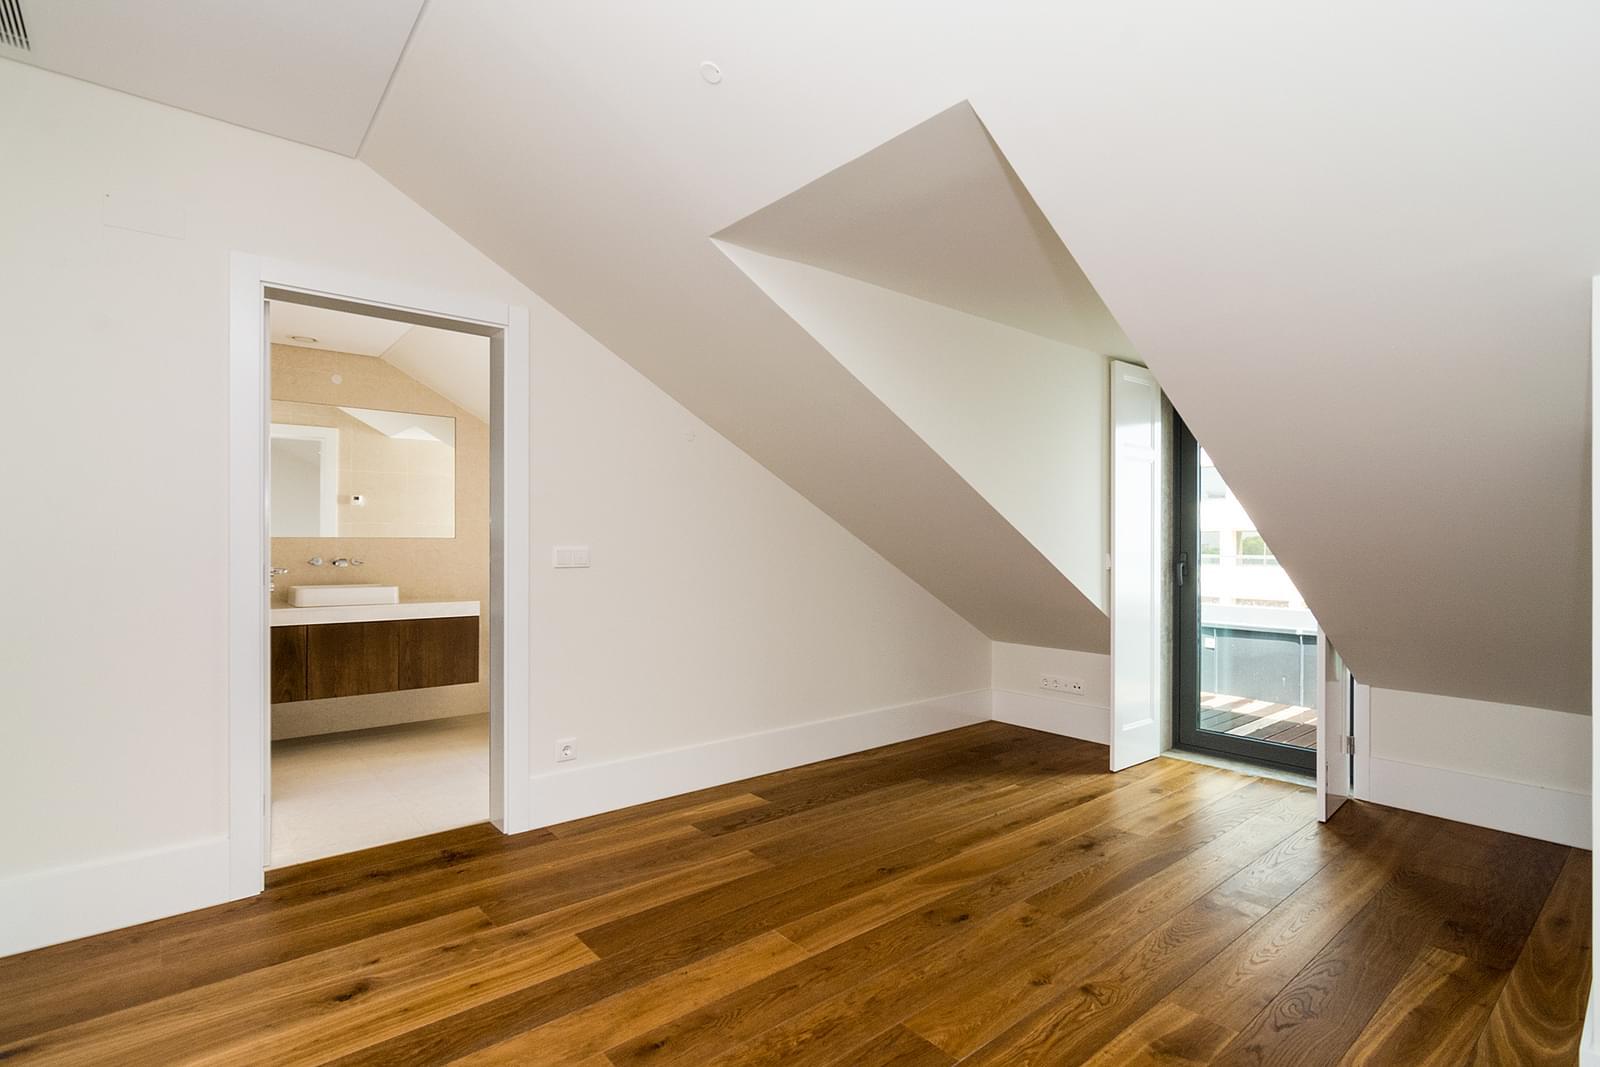 pf17442-apartamento-t3-lisboa-fc41a6b8-bdfe-4592-9033-da5f5d6ea78a